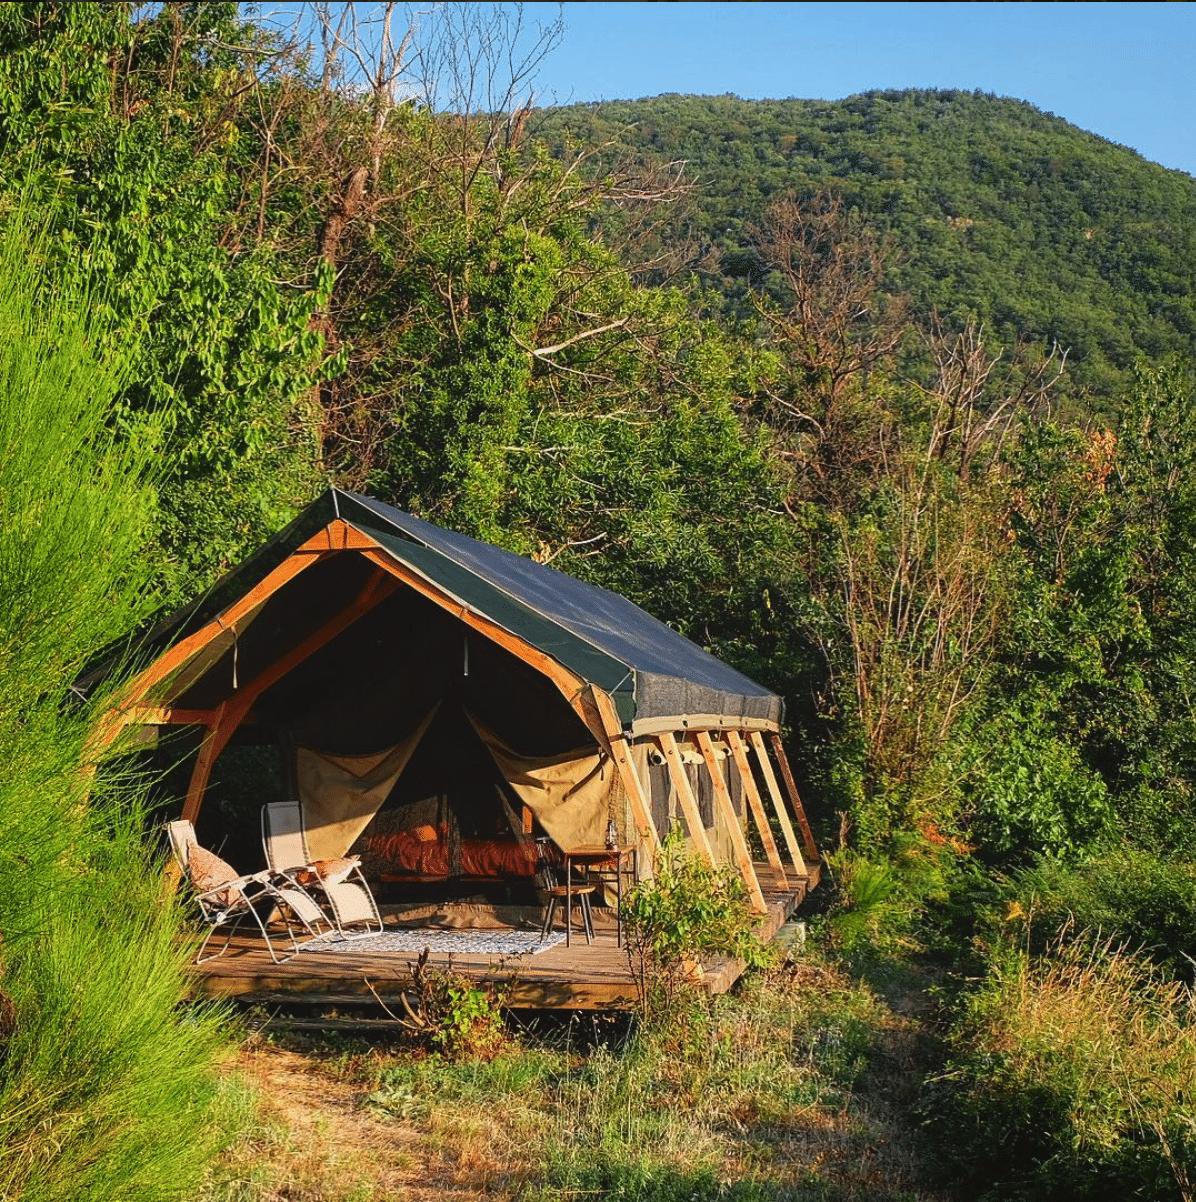 Safari tent bedroom in France